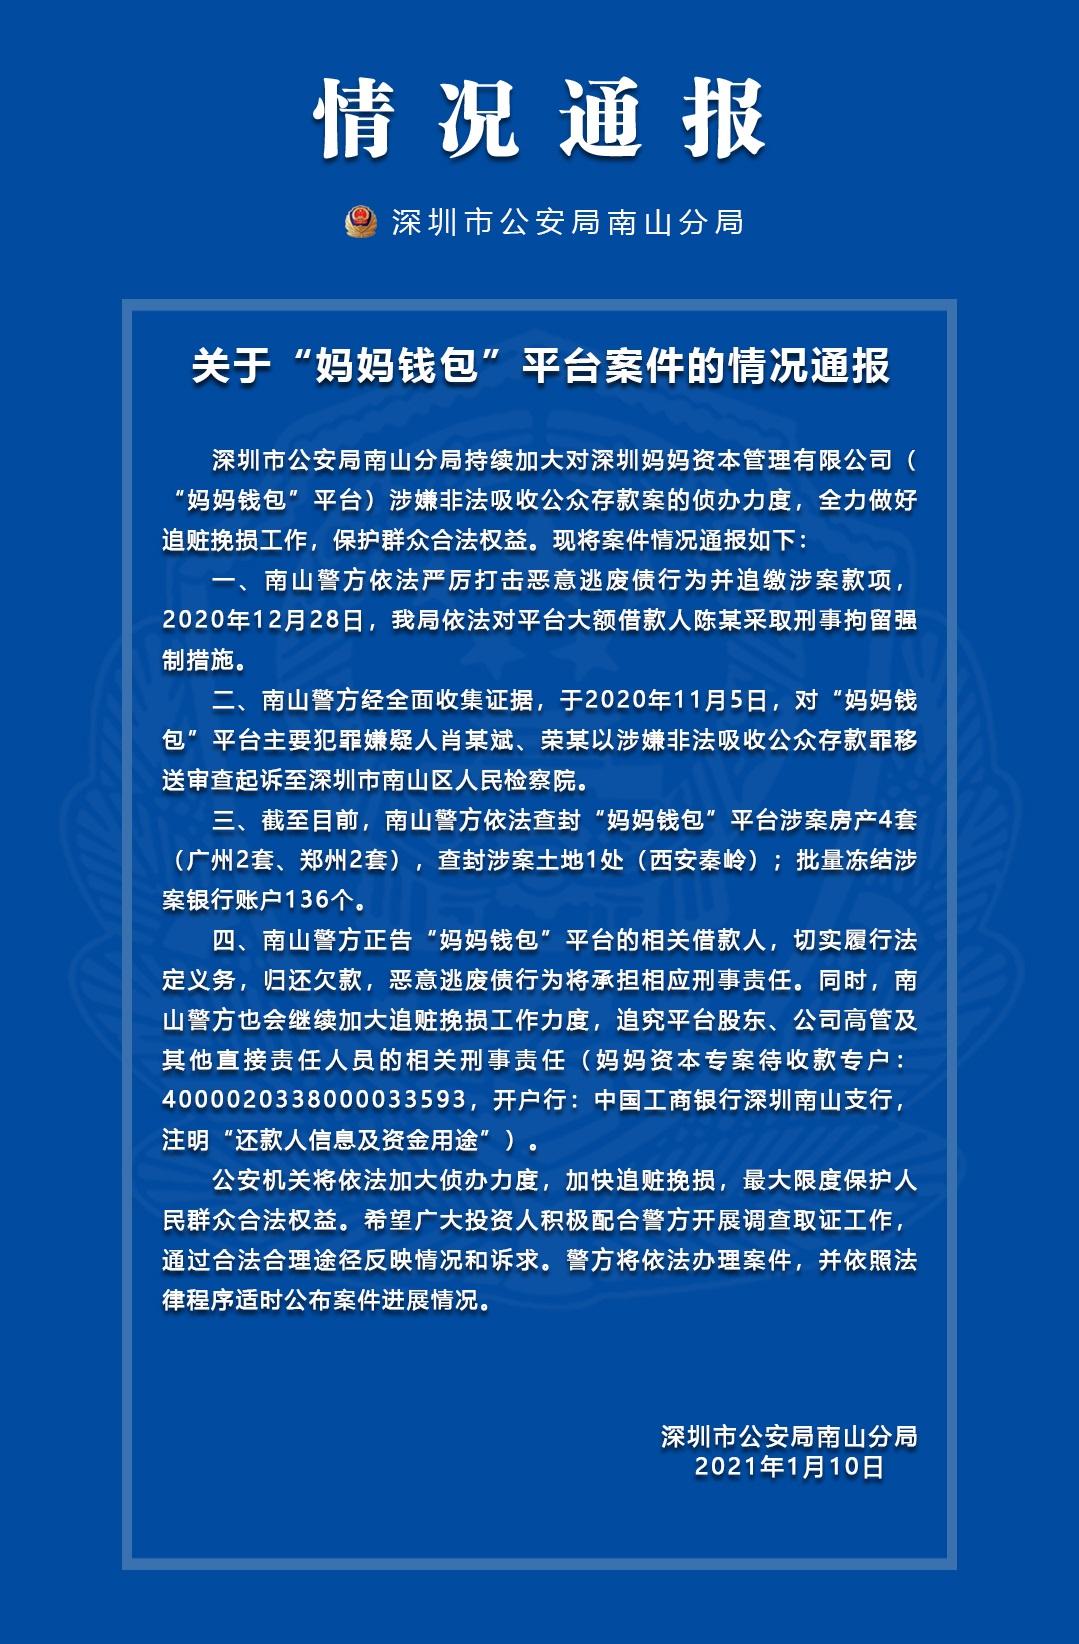 深圳警方通报多赢普惠、妈妈钱包案件最新进展